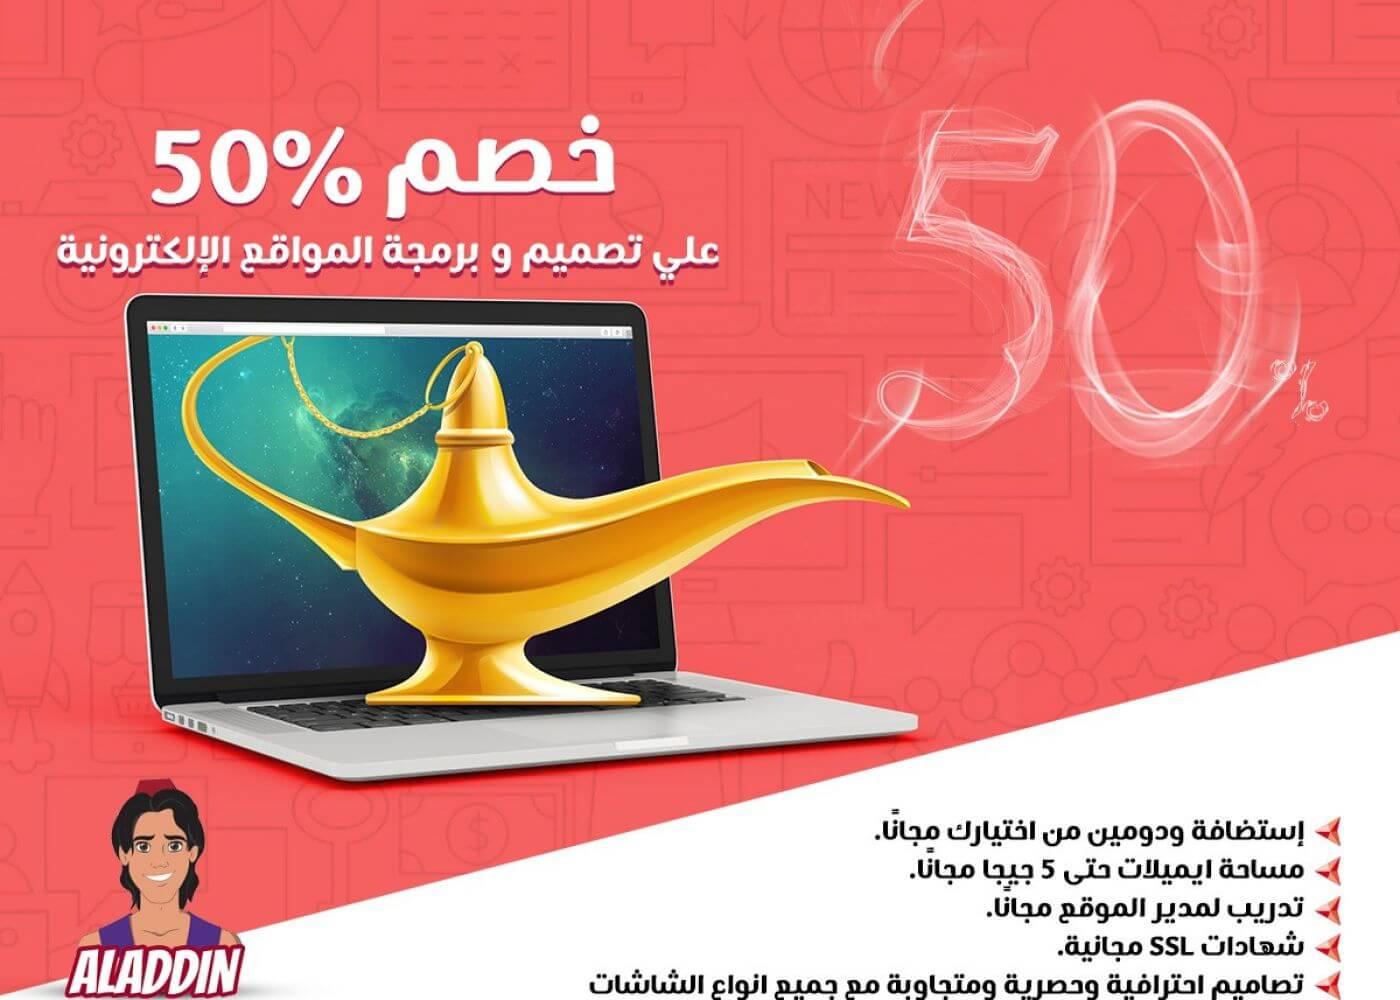 خصم 50% على تصميم المواقع الإلكترونية وأنظمة الإدارة